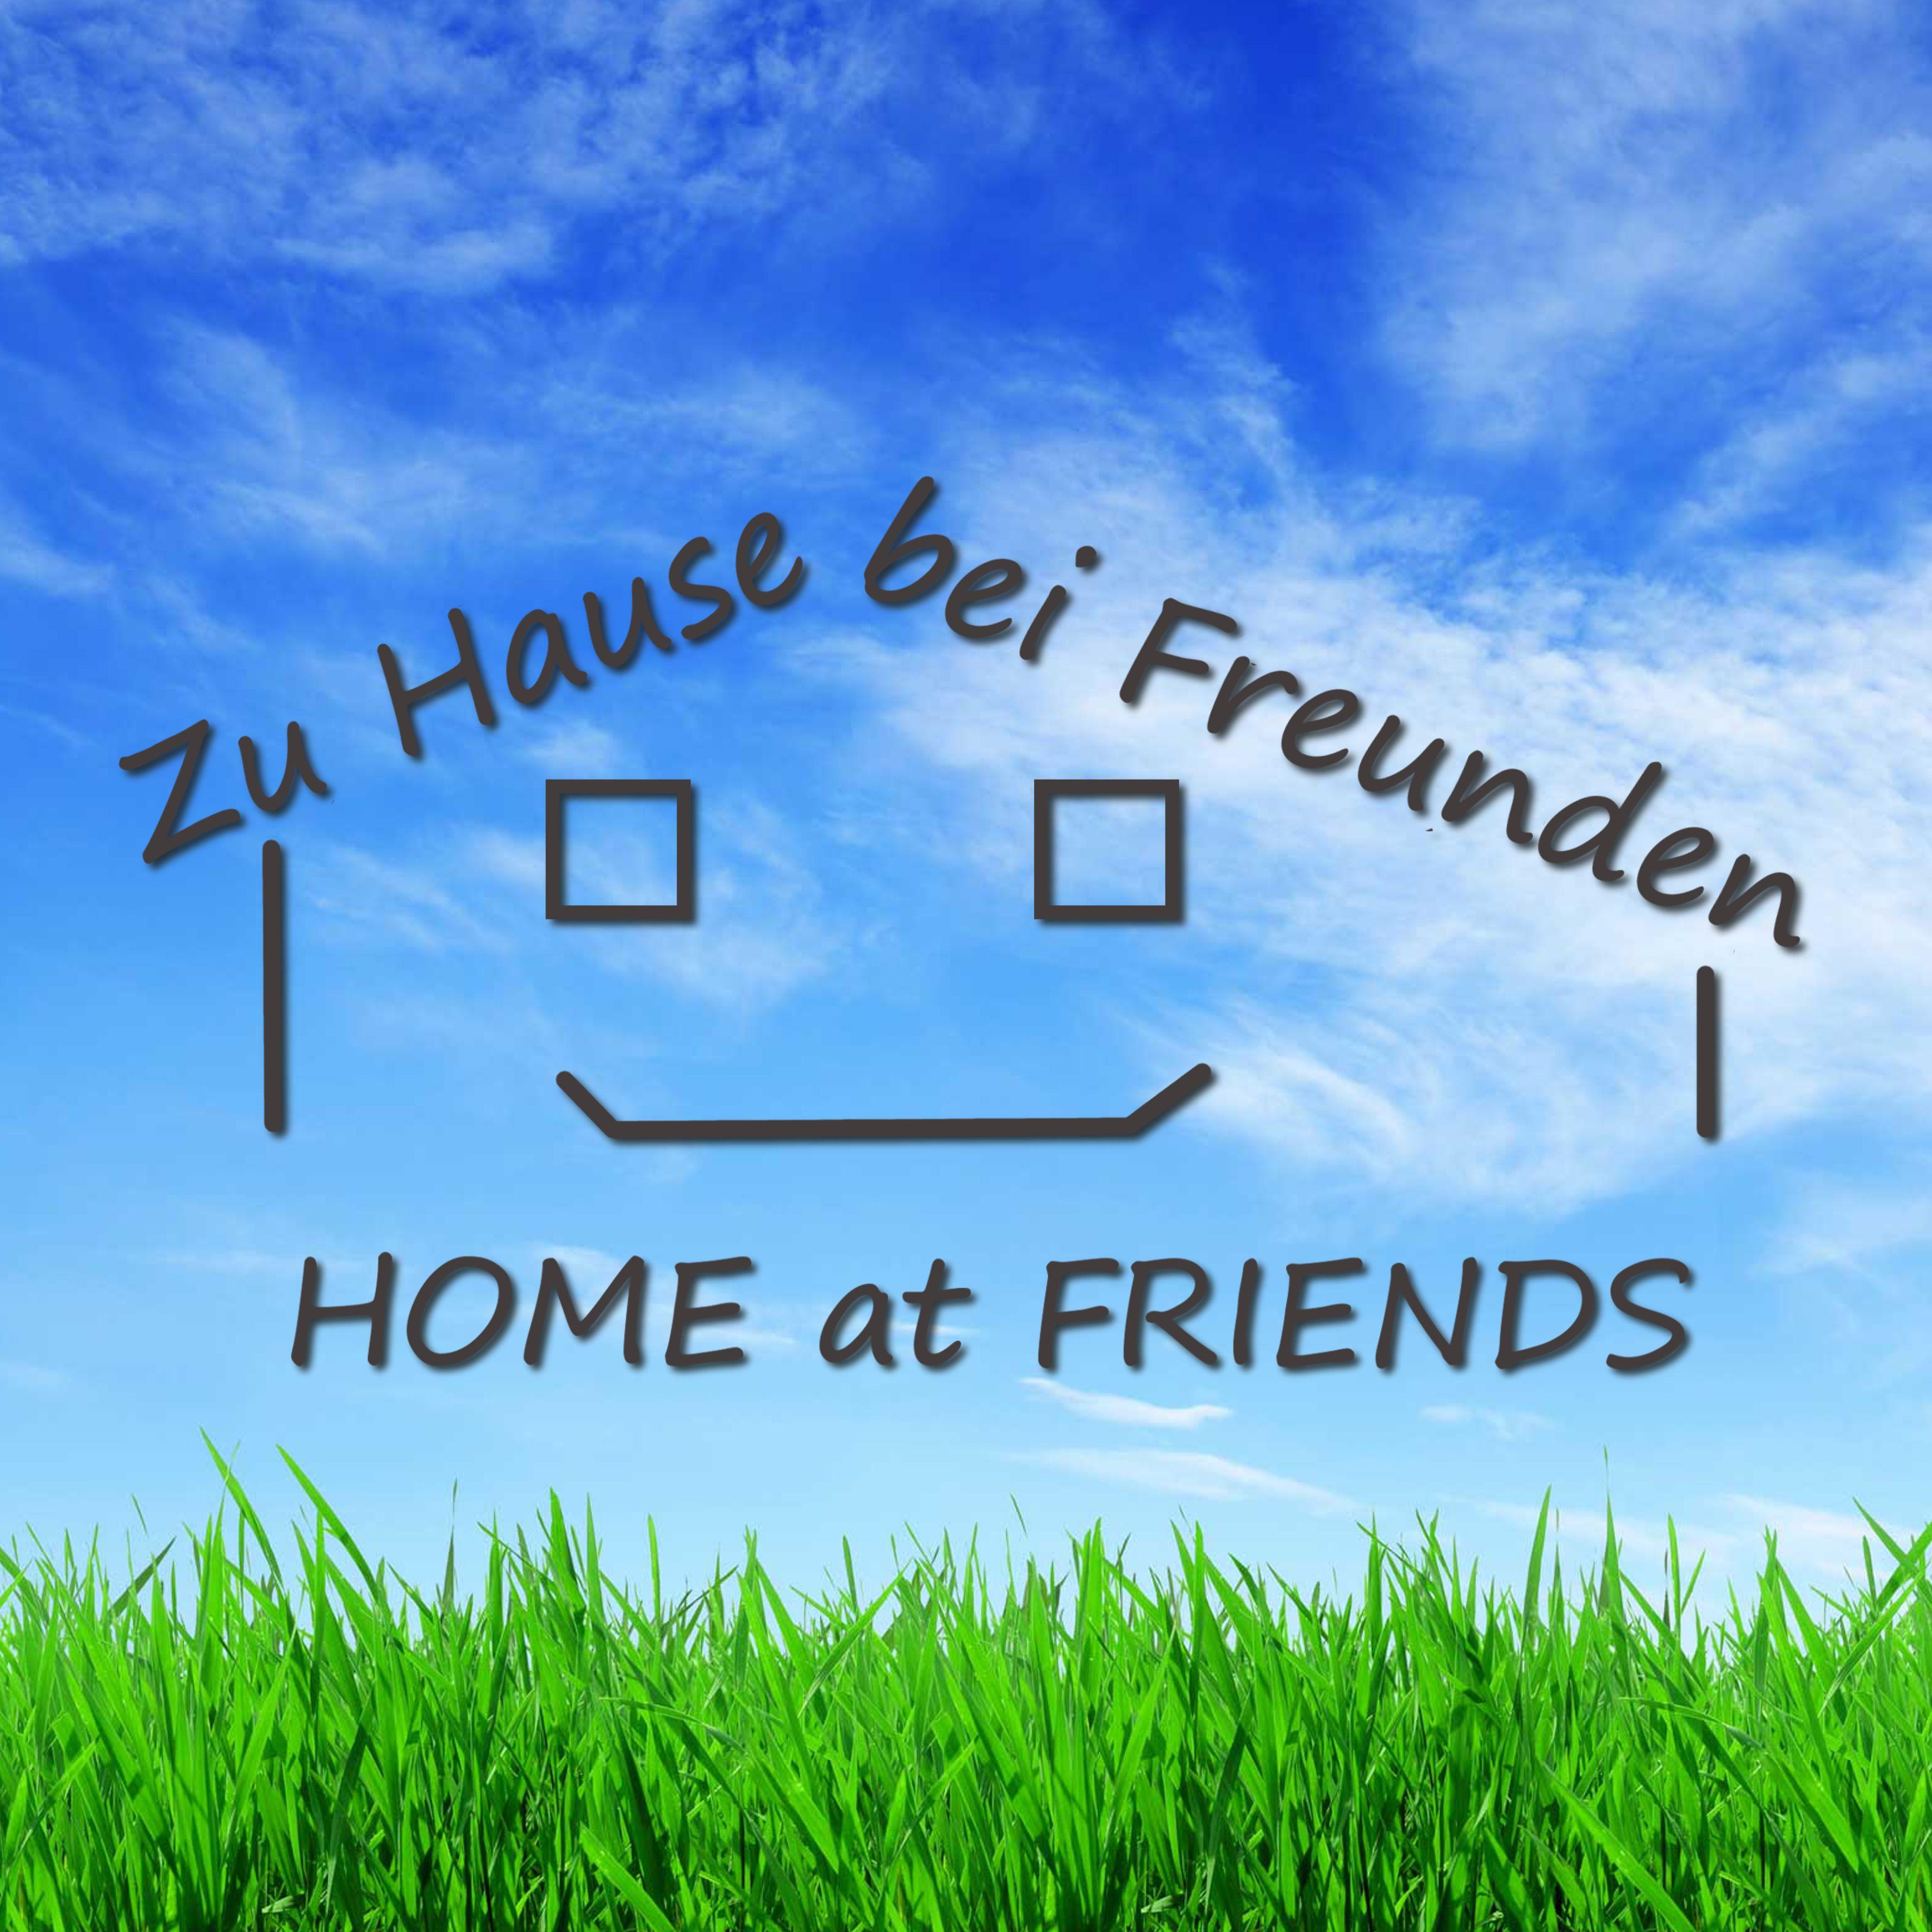 HOME at FRIENDS - Zu Hause bei Freunden in Dortmund